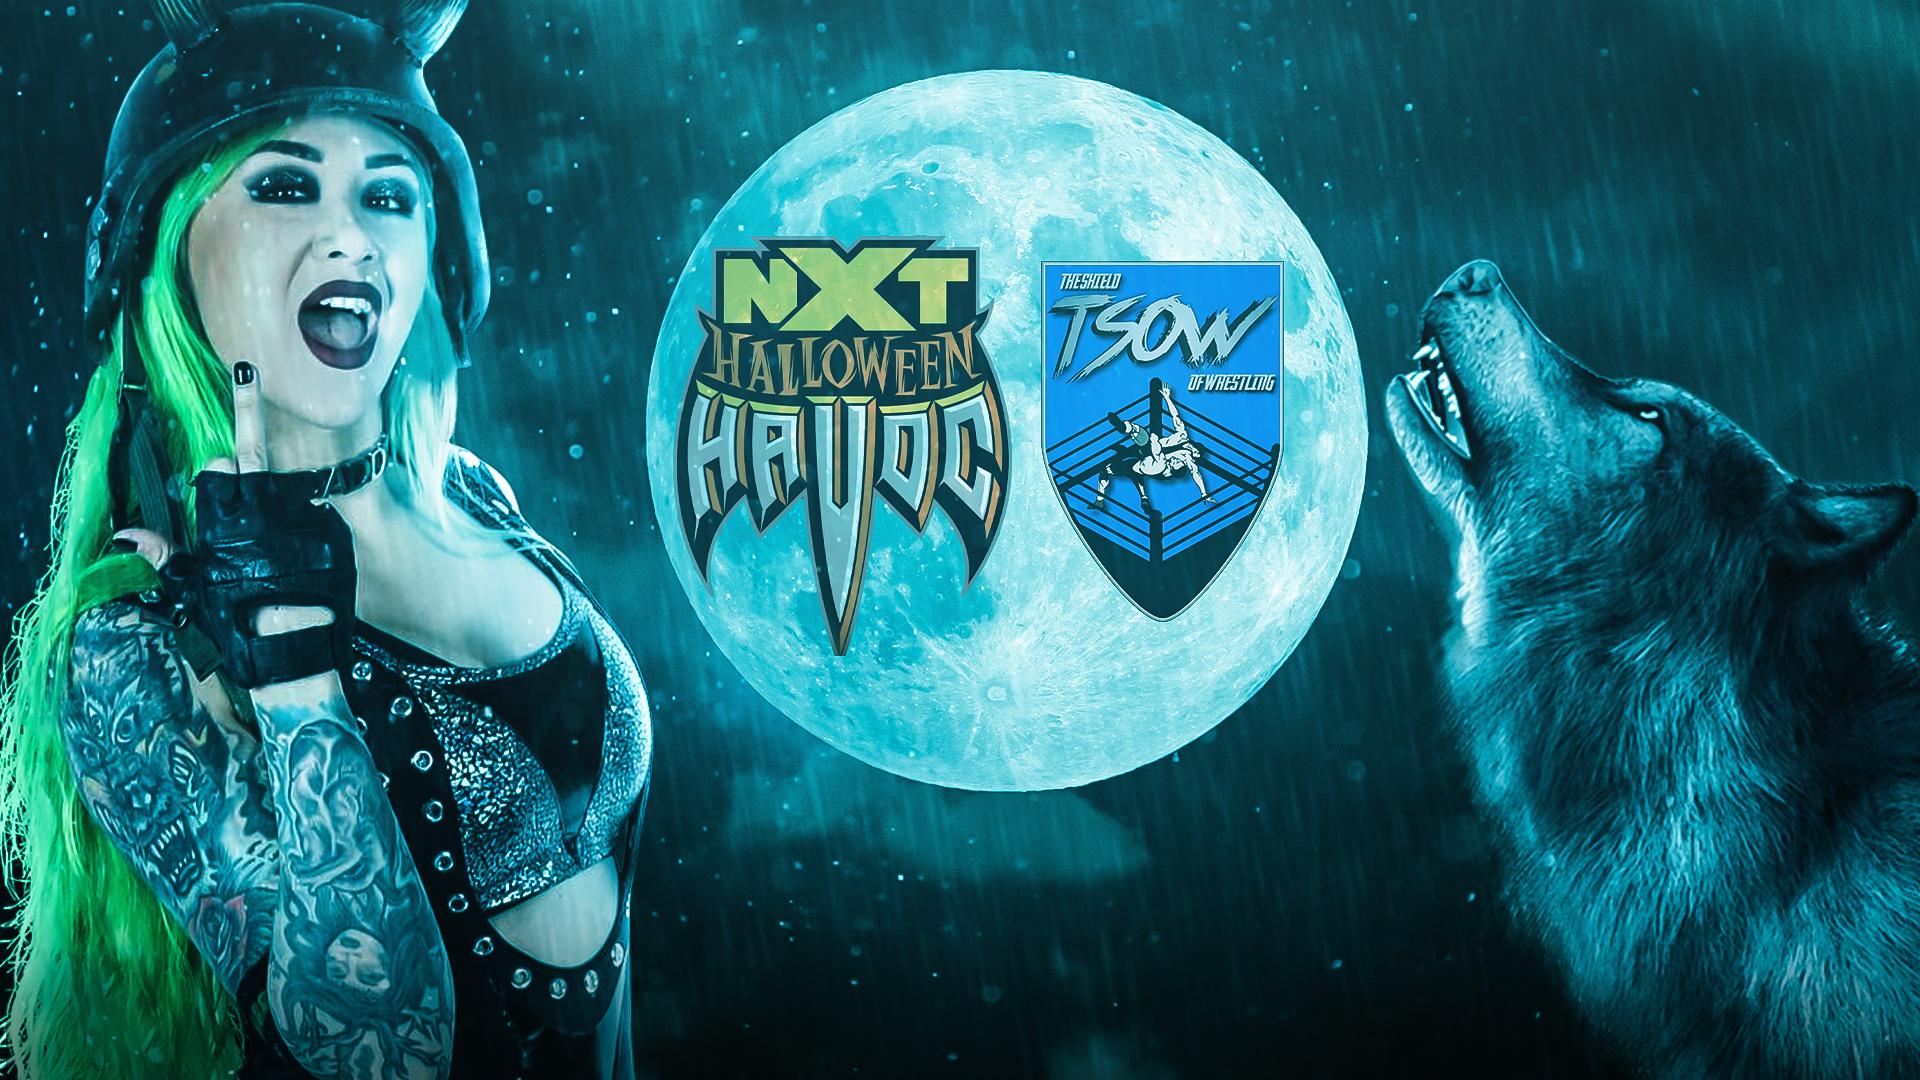 Report Halloween Havoc 2020 - NXT